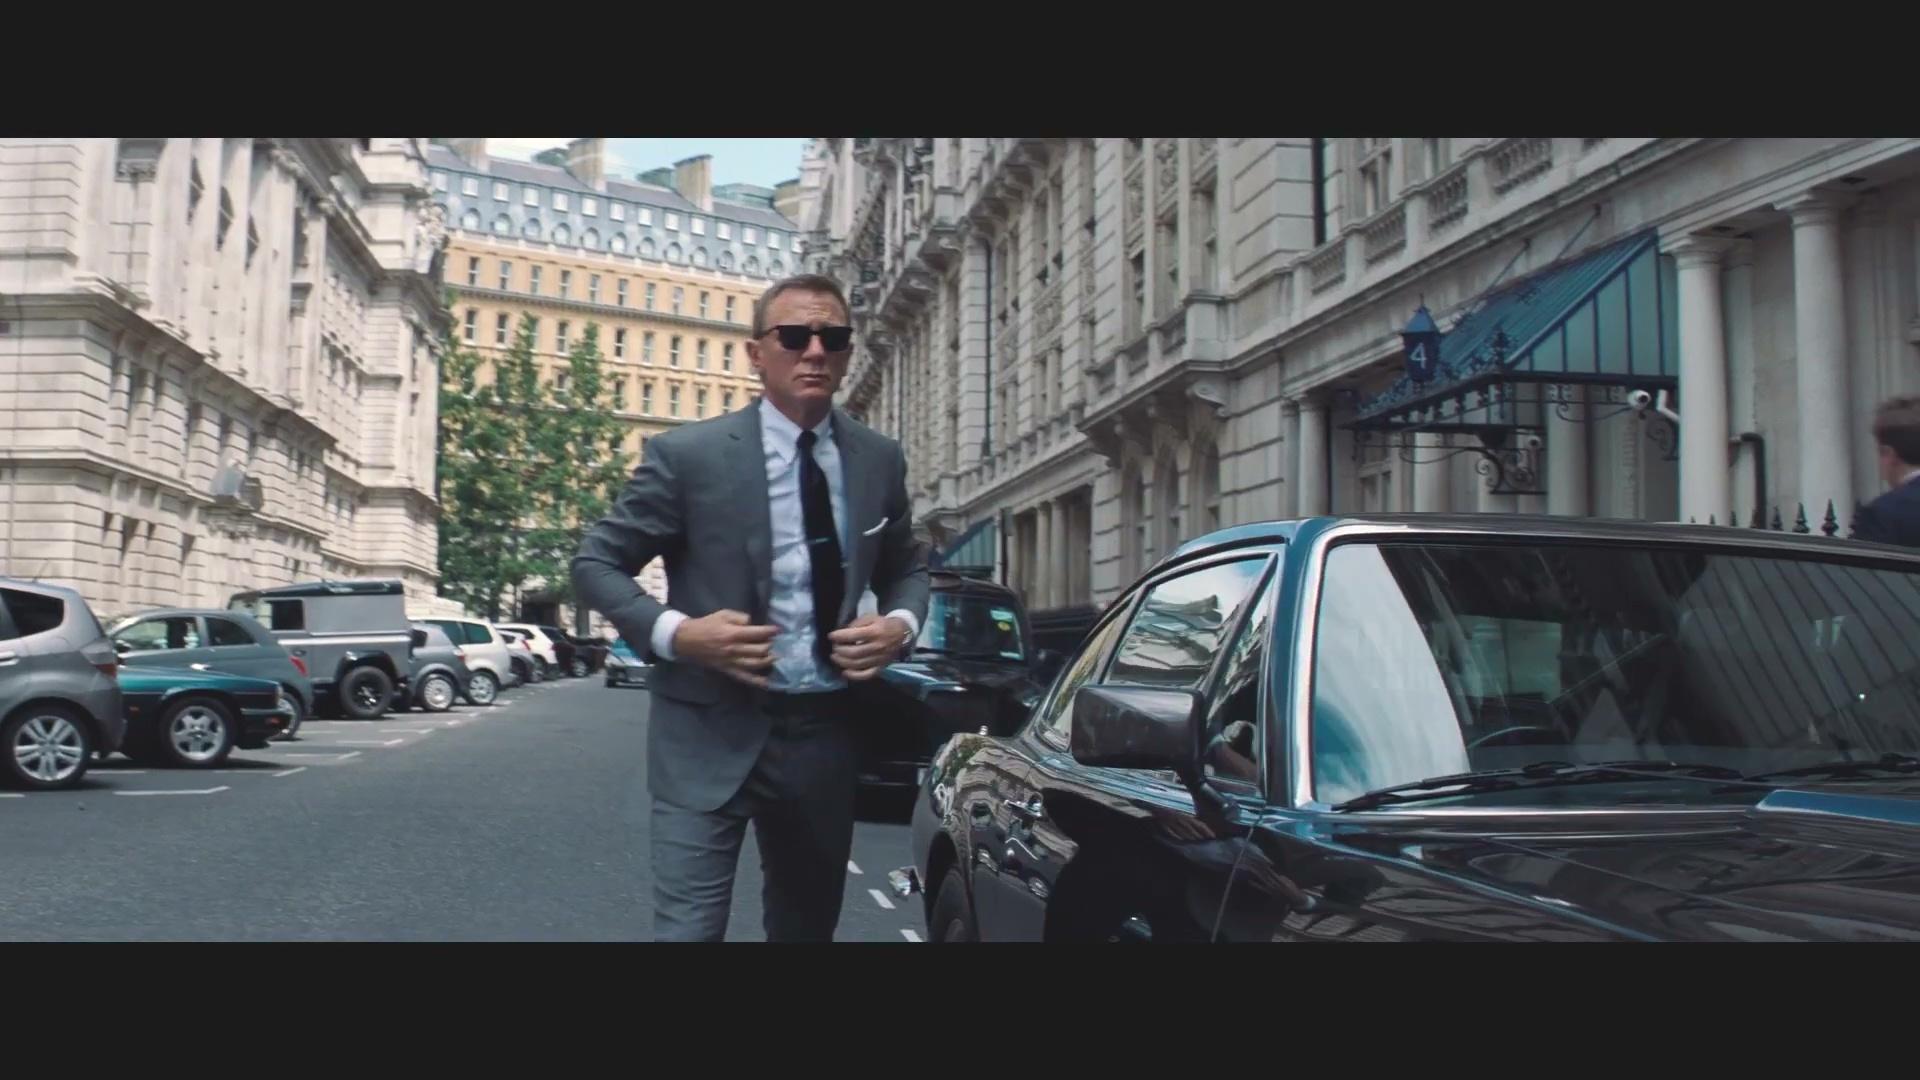 007:无暇赴死-百度云网盘【HD1080p】高清国语